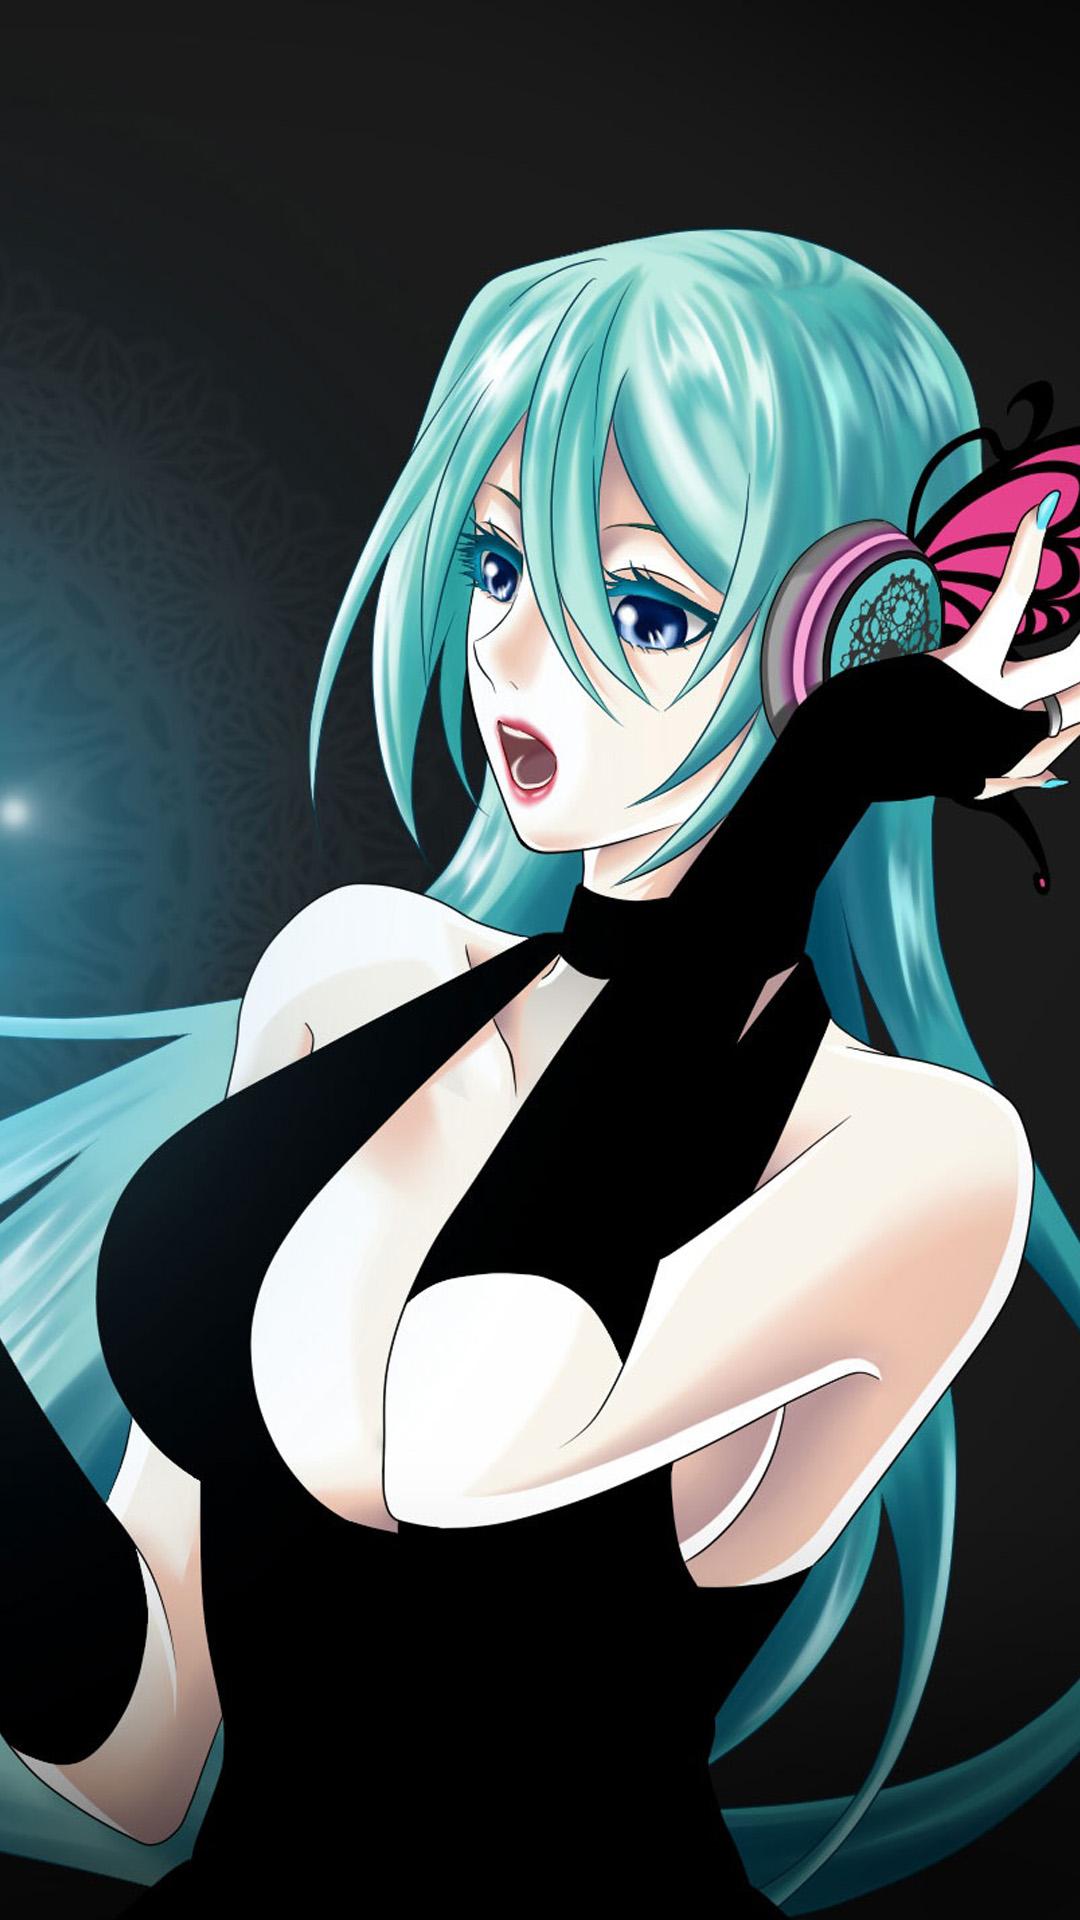 Wallpapers hd anime fondos de pantalla - Anime para fondo ...